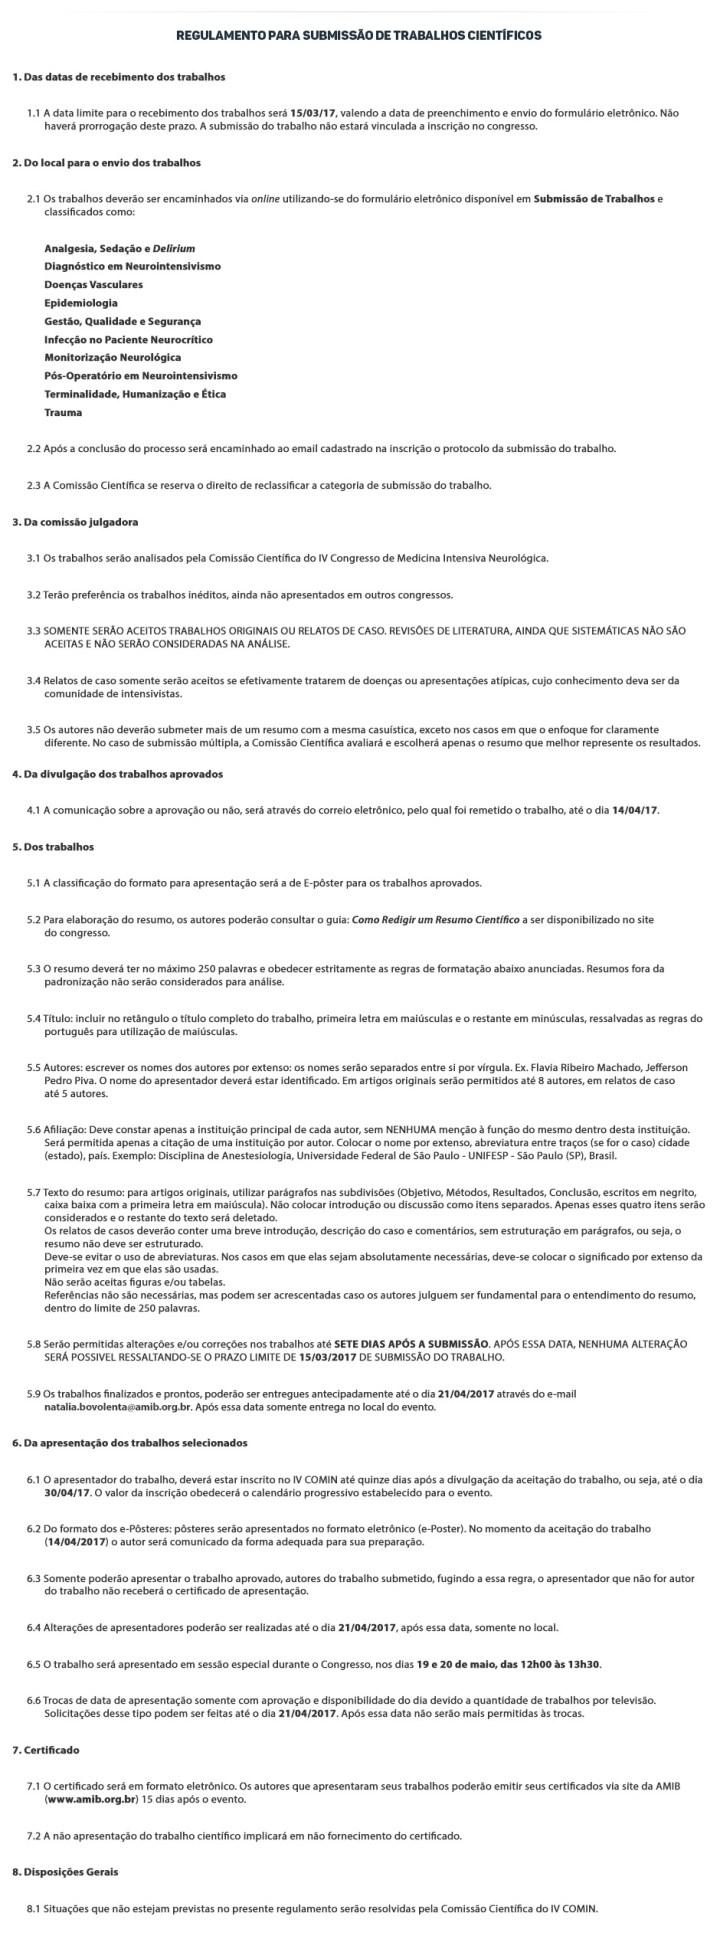 regulamento_temas_comin2017